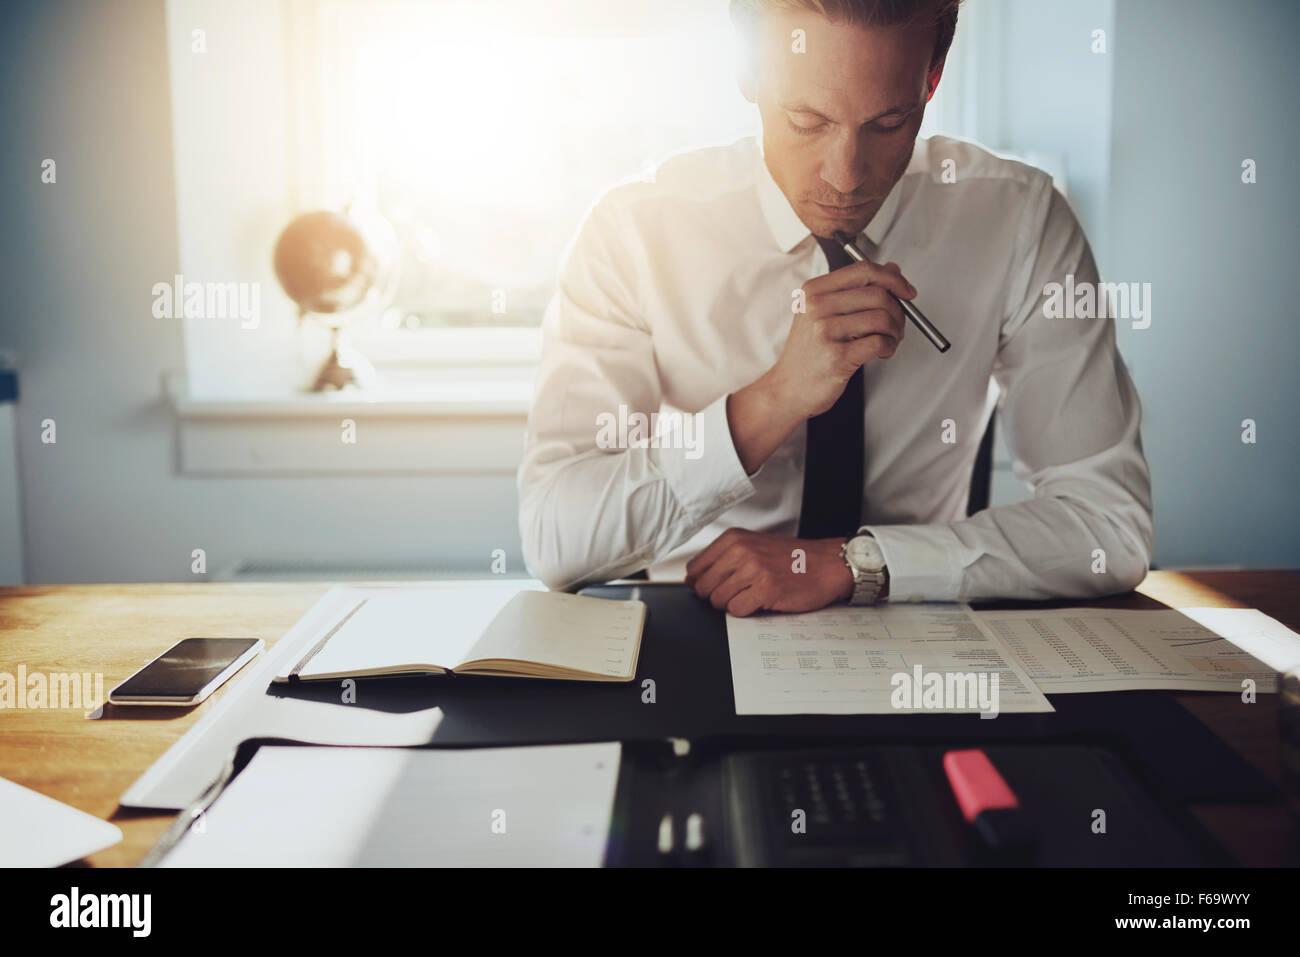 L'homme d'affaires sérieux travaillant sur des documents à la concentré avec porte-documents Photo Stock